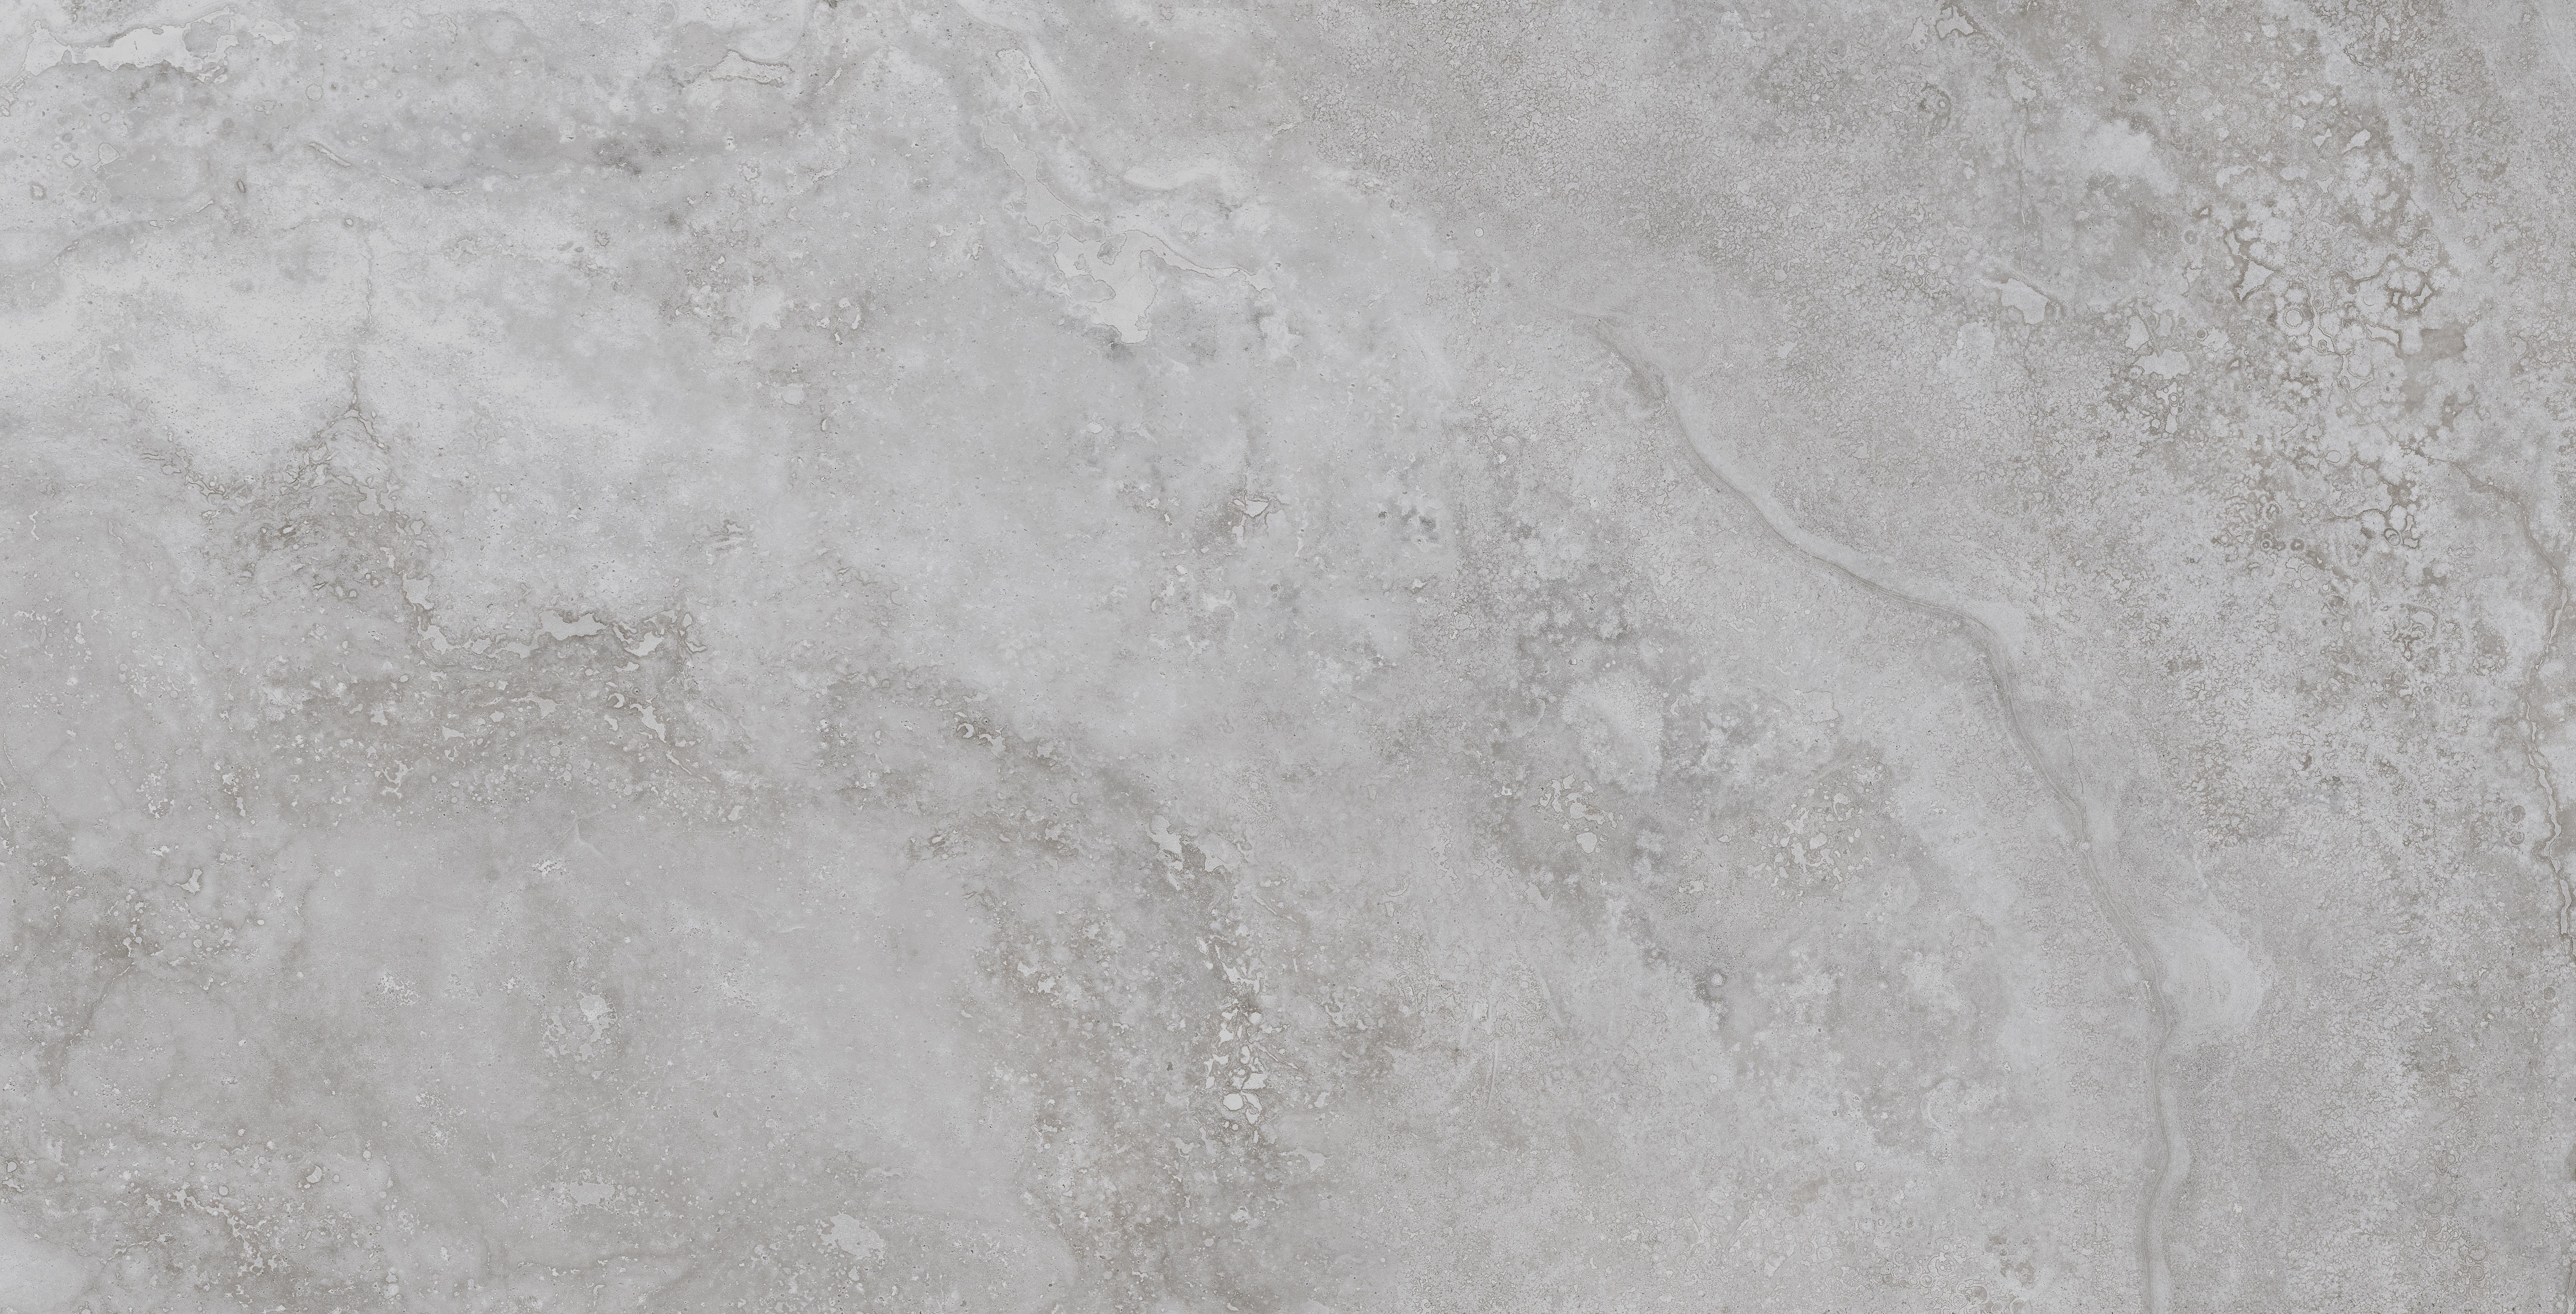 0163848, Italian Icon, Harmaa, lattia,pakkasenkesto,liukastumisenesto,uimahalli